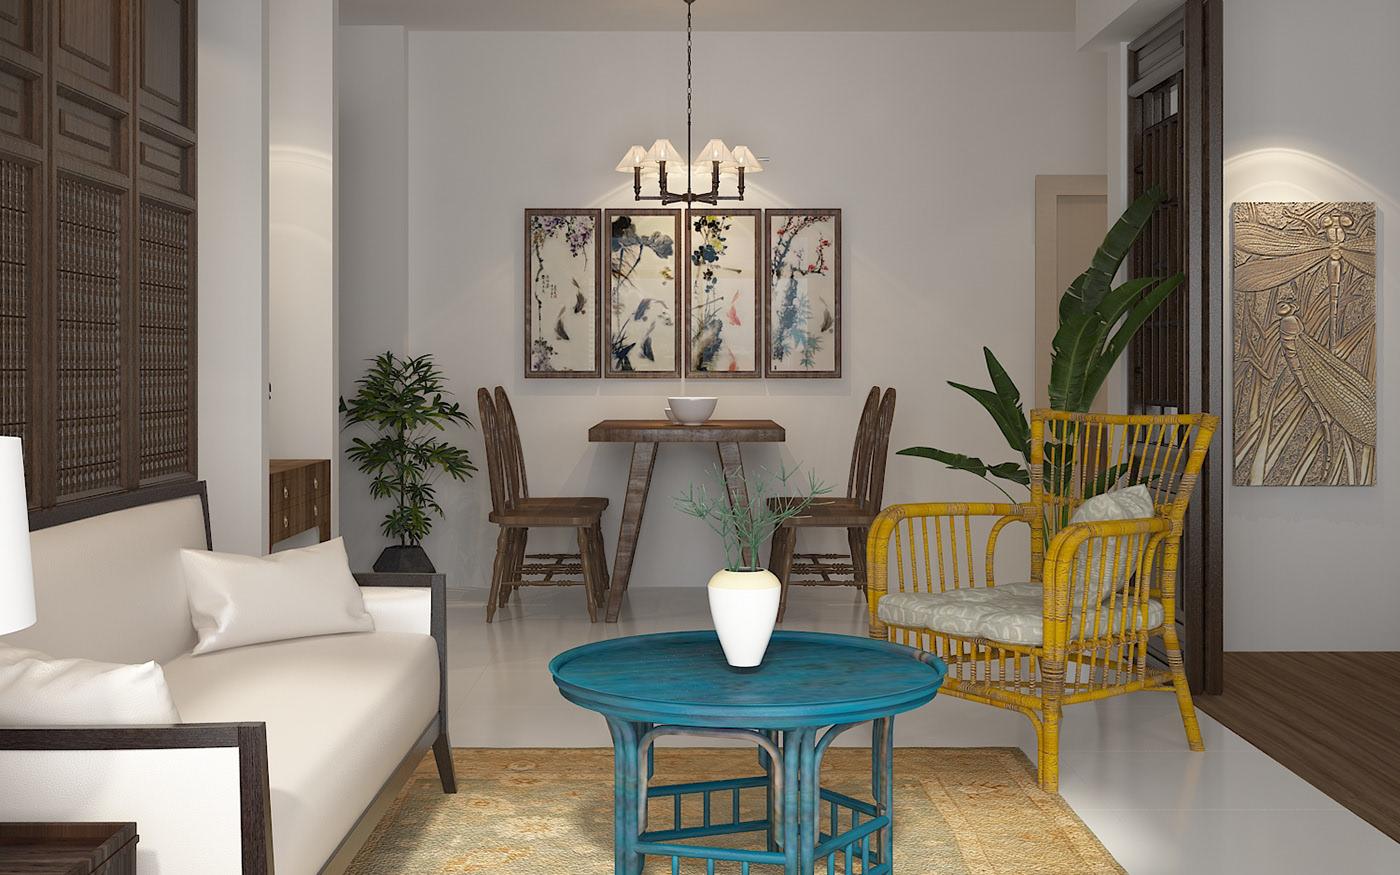 Bàn ăn nối liền phòng khách trong mẫu thiết kế nội thất chung cư tại Hải Phòng